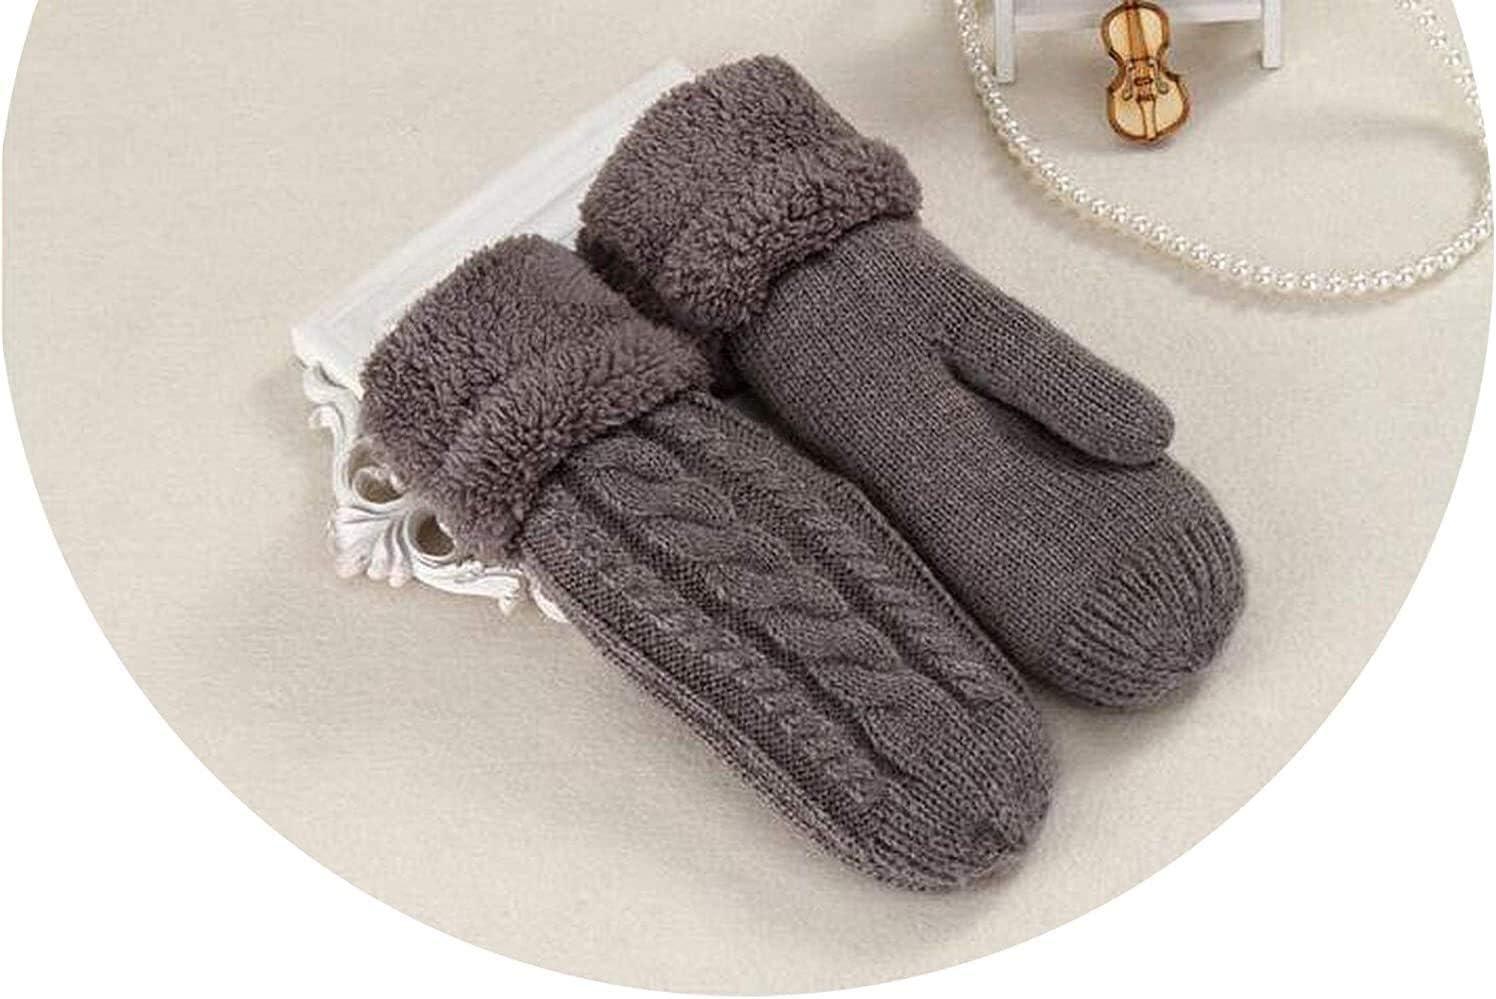 Warm Gloves Female Knitted Twist Flowers Mitten Winter Women Wool Plus Cashmere Velvet Thickening Warm Full Finger Glove Guantes (Color : Dark Gray, Size : Oneszie)